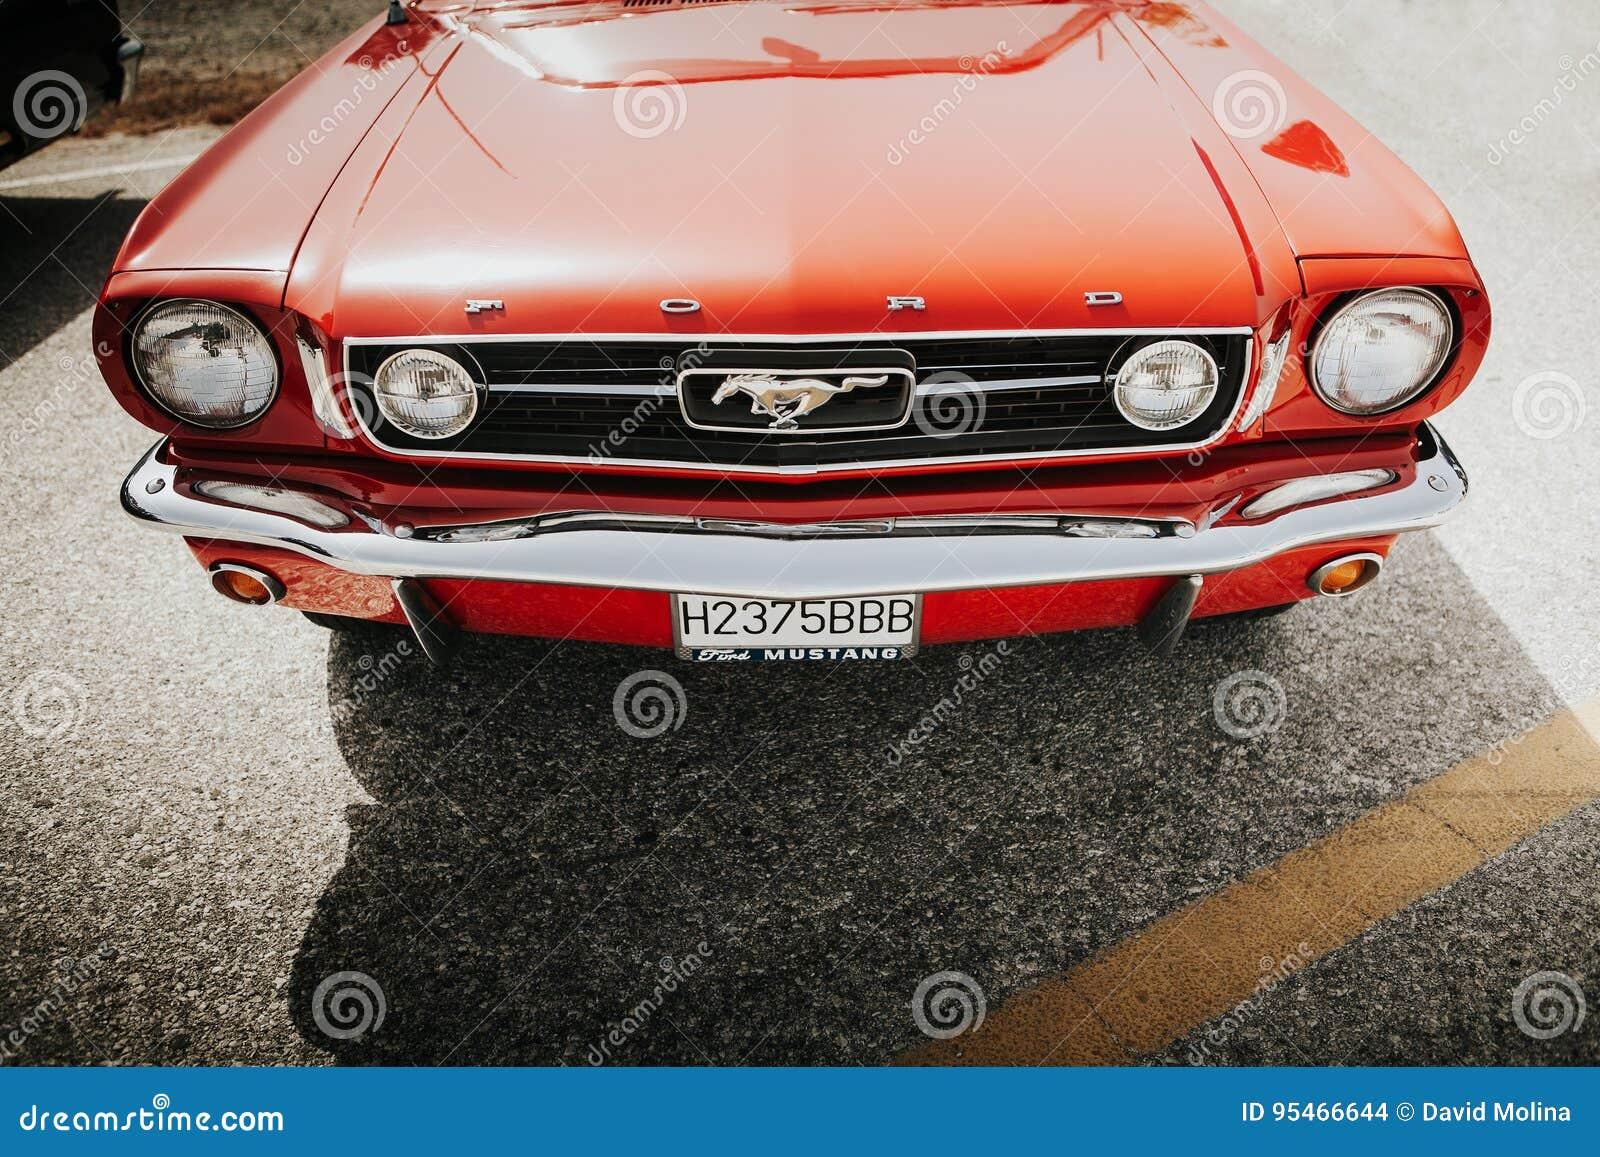 MALAGA, ESPANHA - 30 DE JULHO DE 2016: Opinião 1966 dianteira de Ford Mustang na cor vermelha, estacionada em Malaga, Espanha